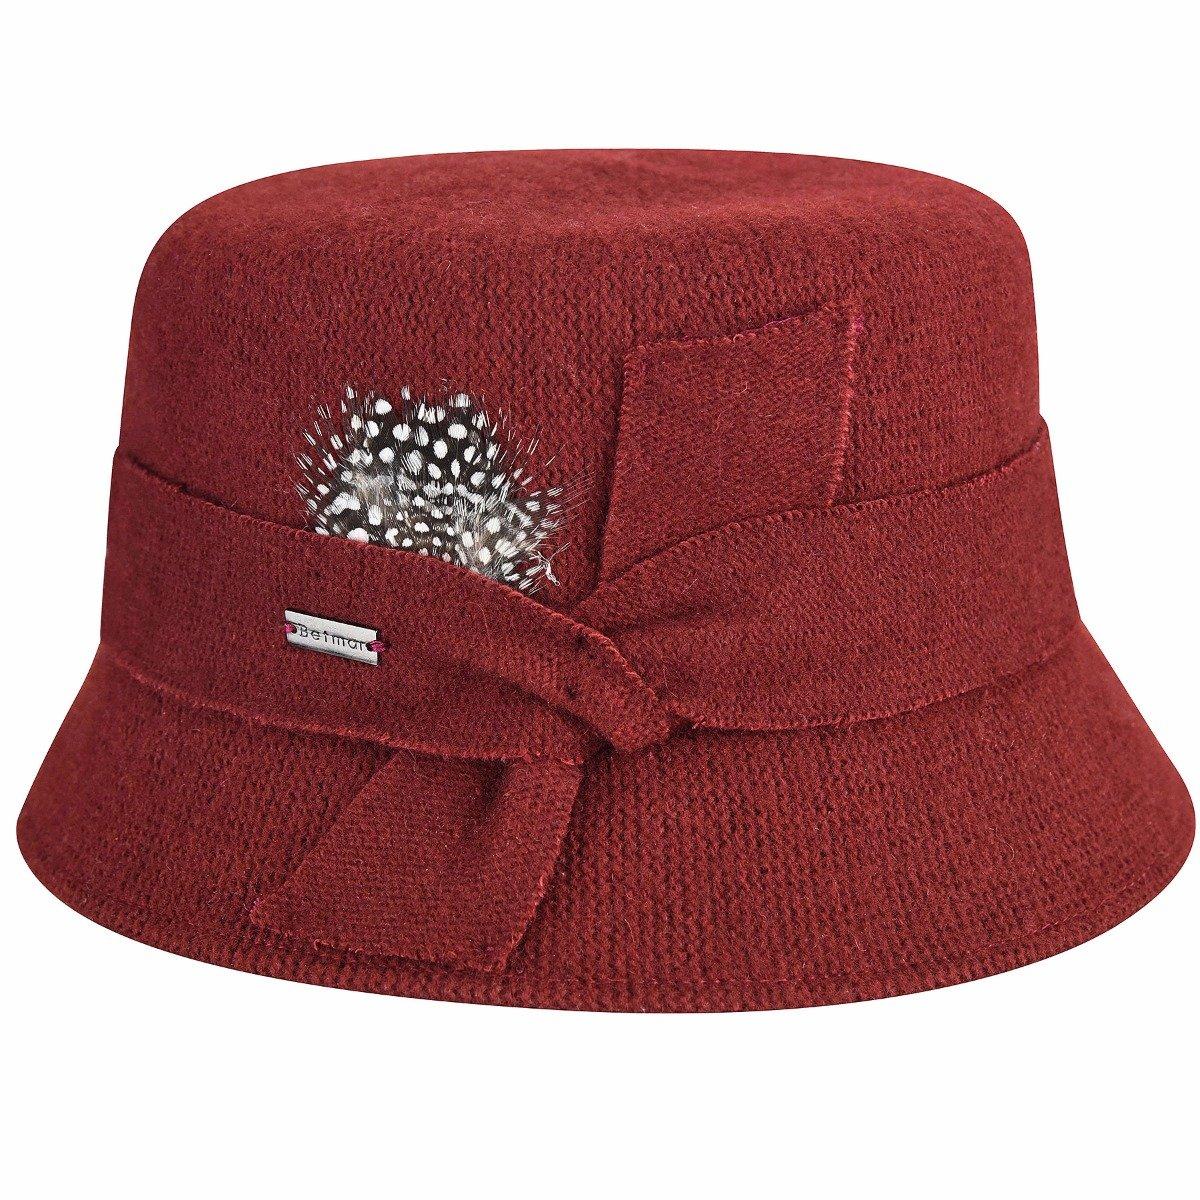 Betmar Women's Laurel Wool Bucket Hat, Spice One Size